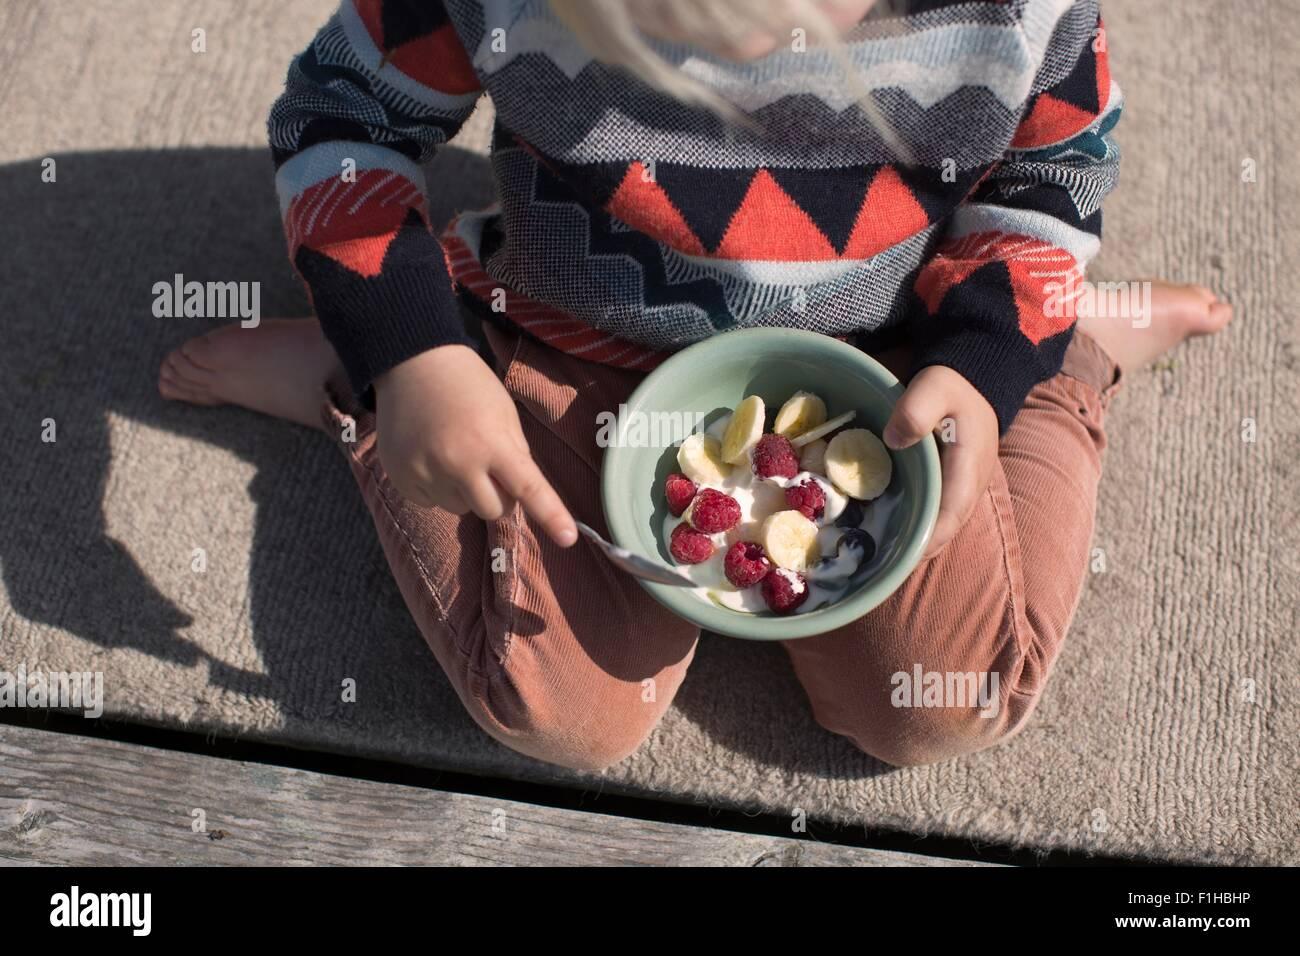 Boy exploração taça de fruta, ângulo alto Imagens de Stock